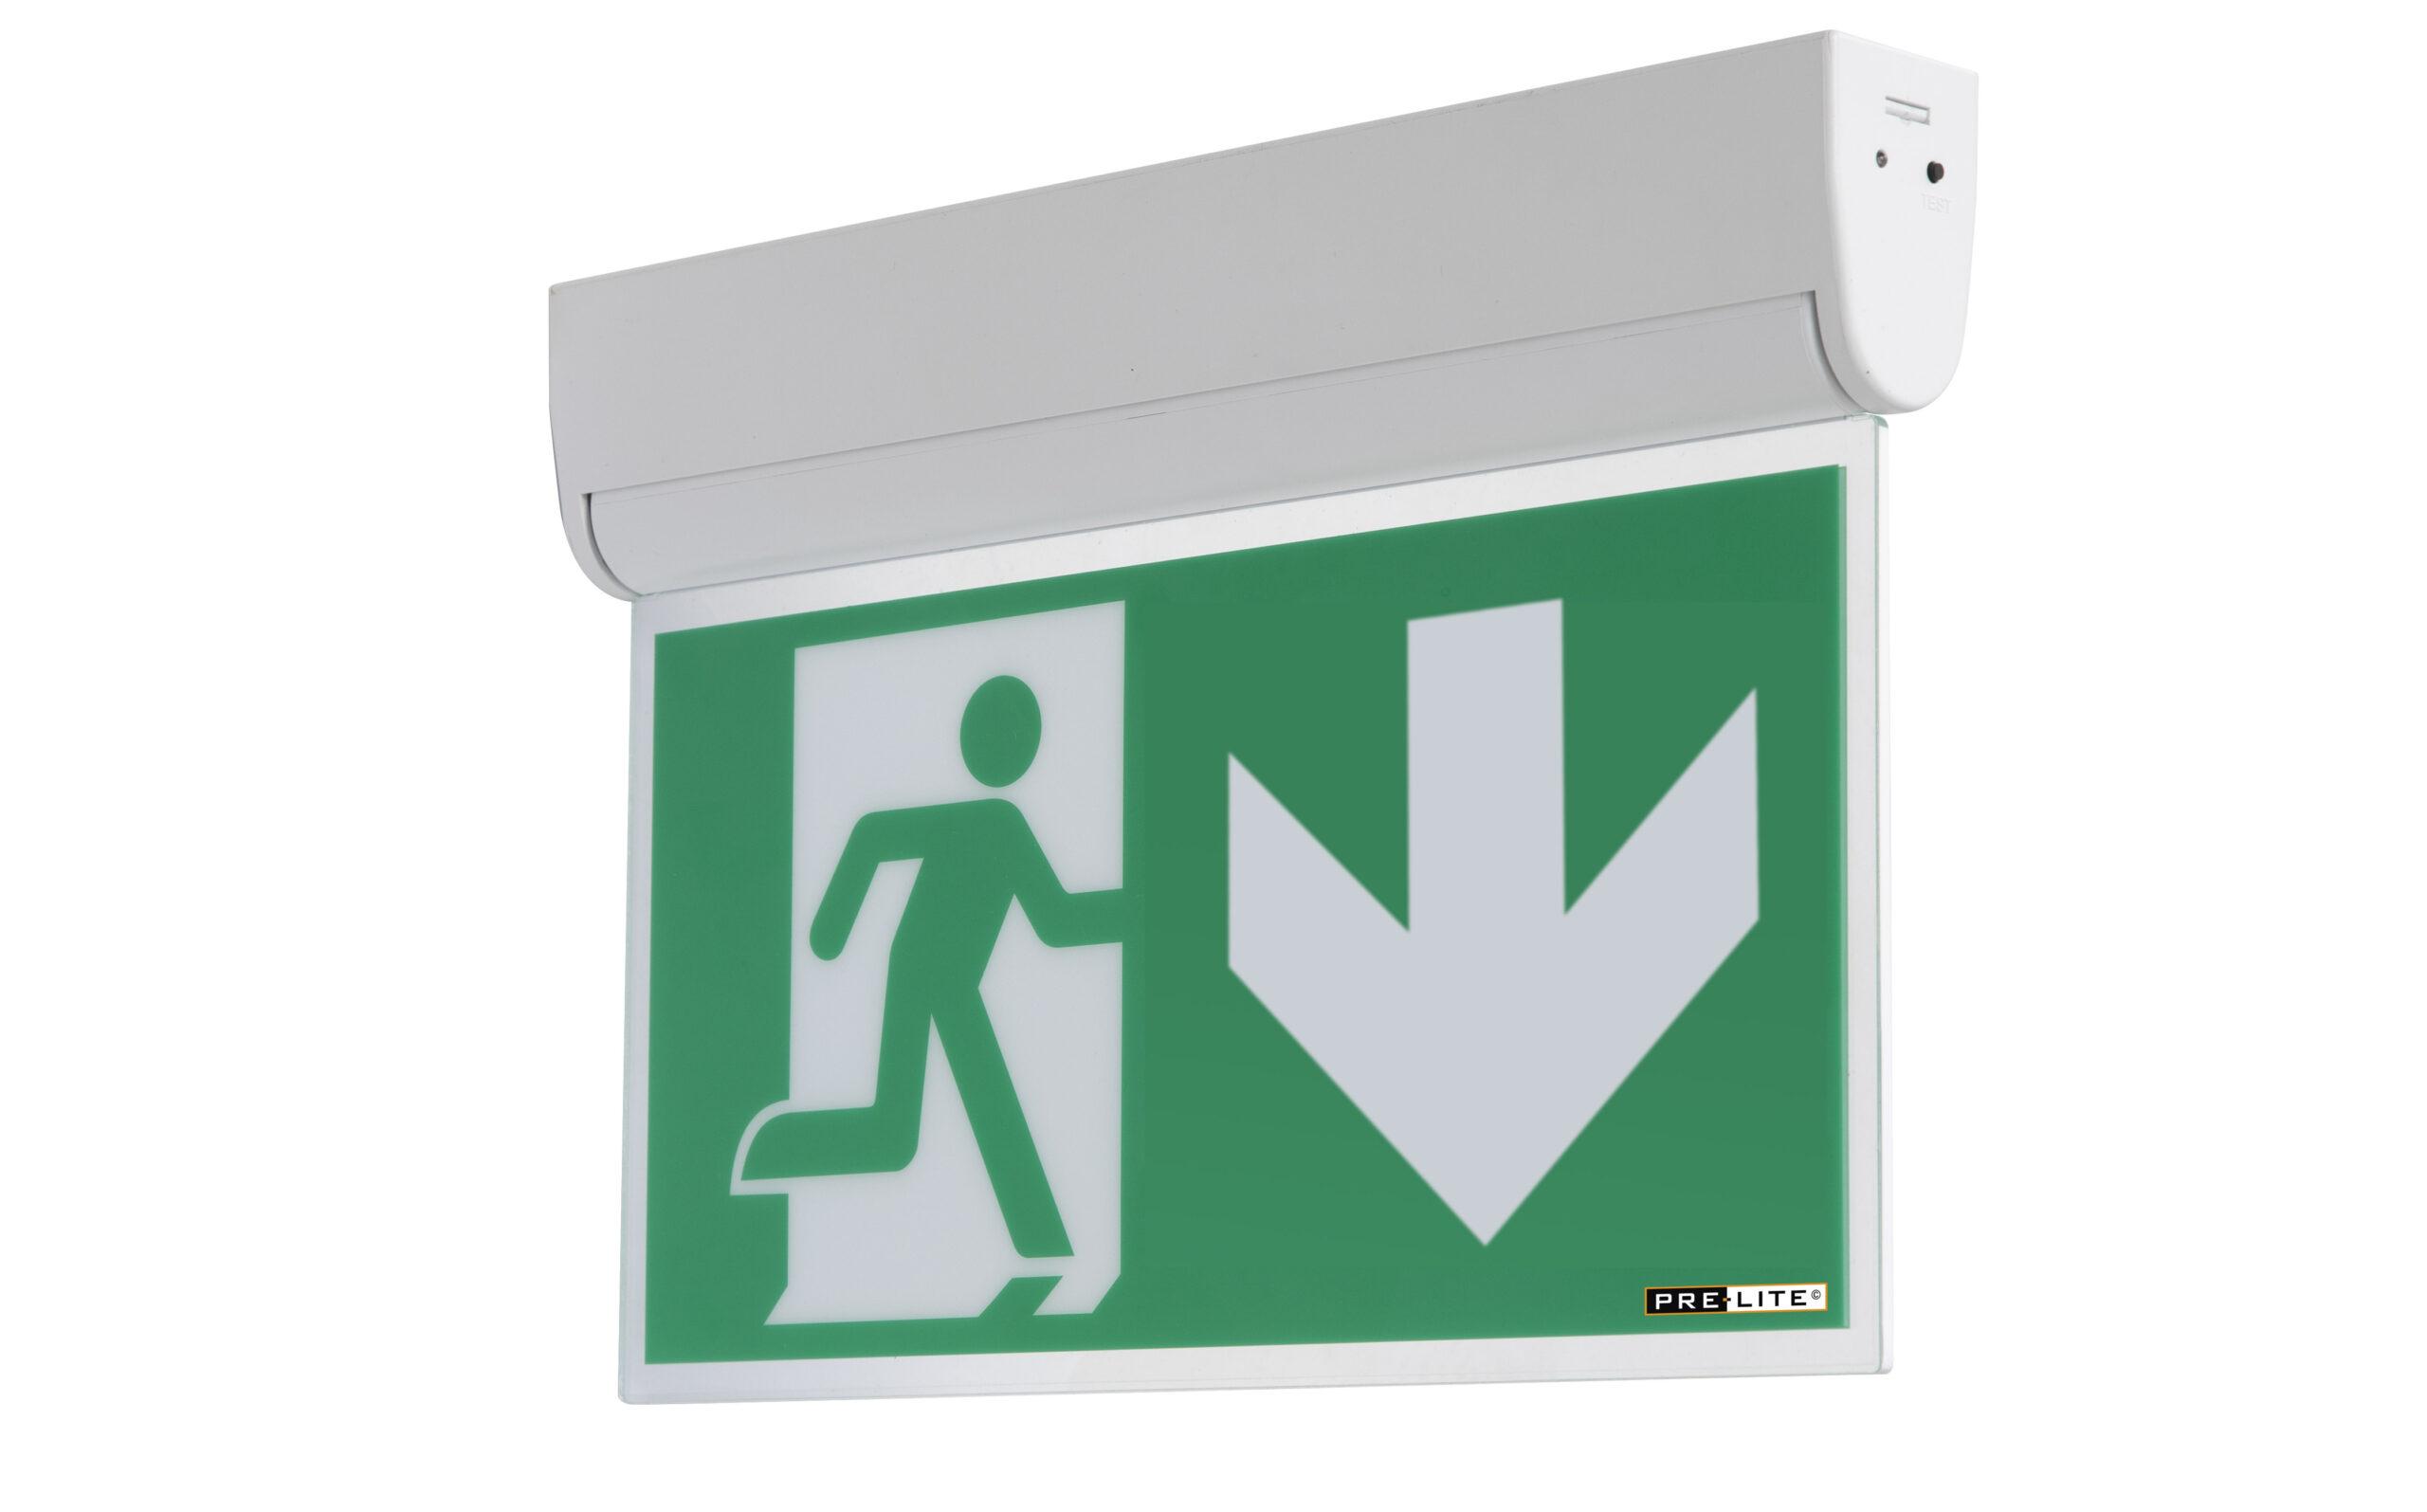 LED kantelbare noodverlichtingsarmatuur Dommel  rechtdoor